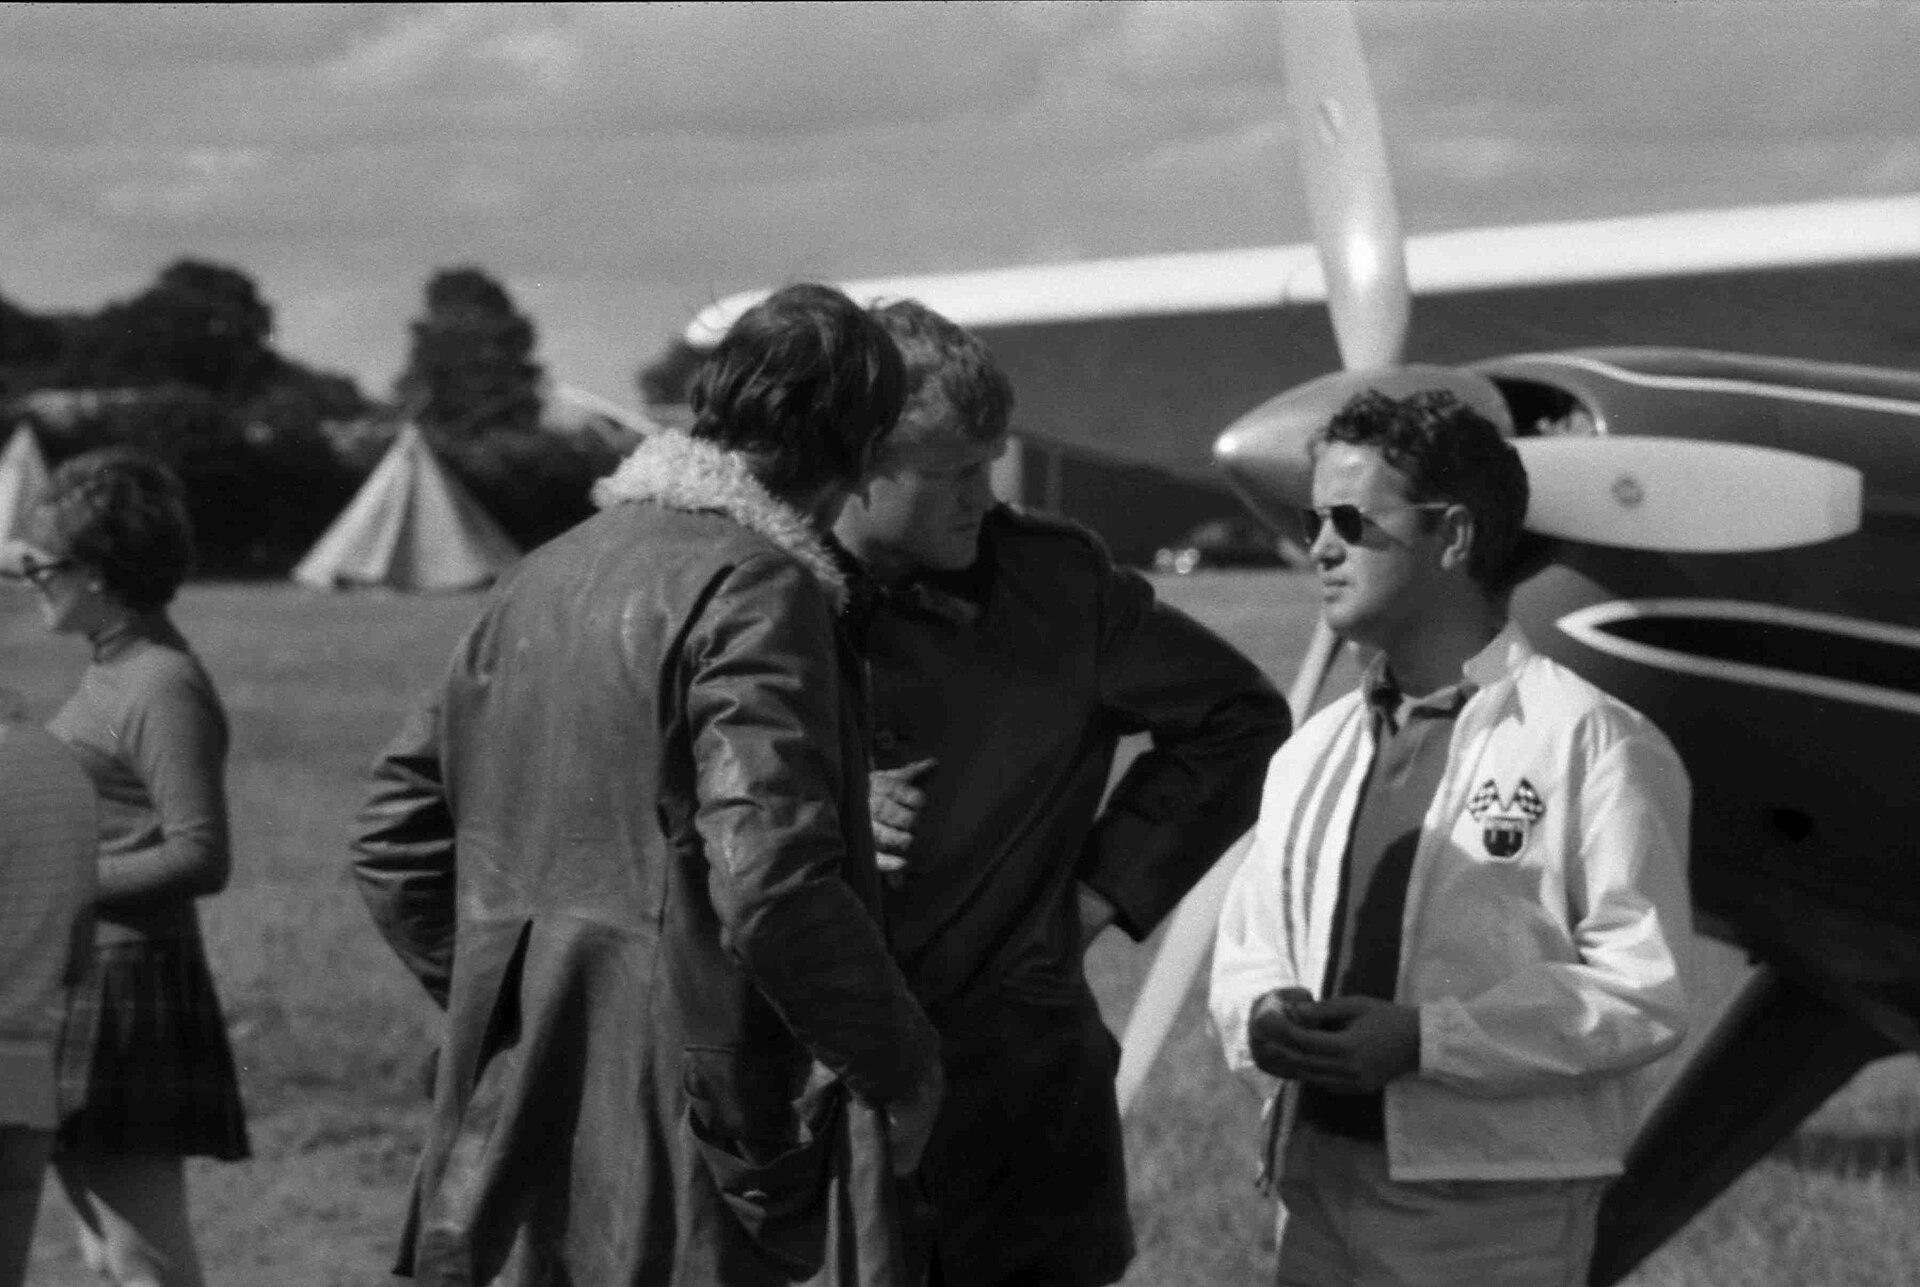 richard bach biography Richard david bach ( 23 června 1936 v oak park, illinois, usa) je americký spisovatelje znám především bestsellerem jonathan livingston racek z roku 1972 a filmem, který byl na jeho námět natočen v jeho knihách se také objevuje jeho obliba letectví a dokonce i létání v metafoře letectví je jeho koníčkem o.